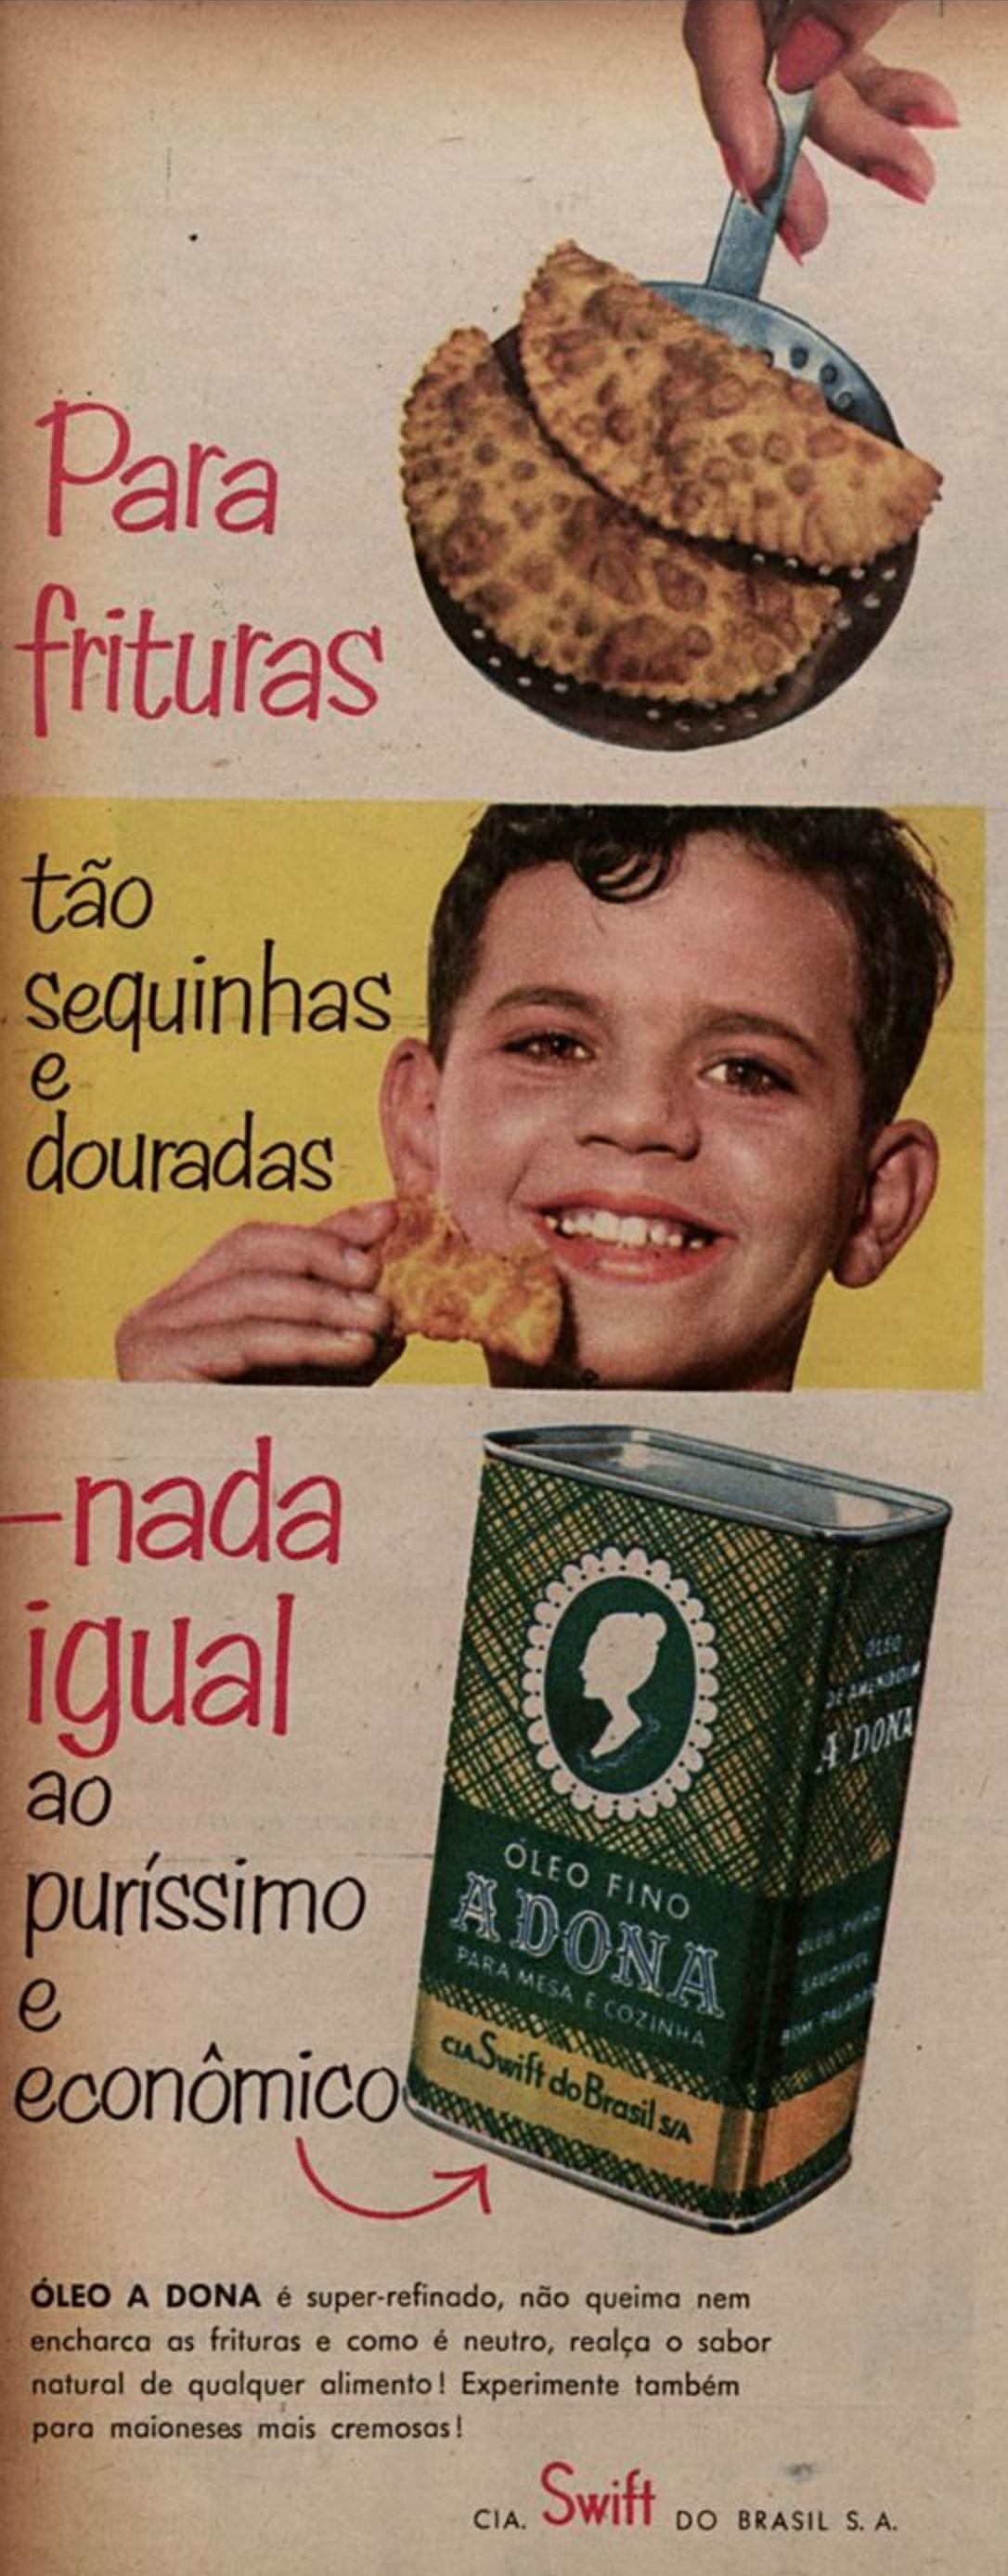 Propaganda de 1957 do óleo para frituras da marca A Dona